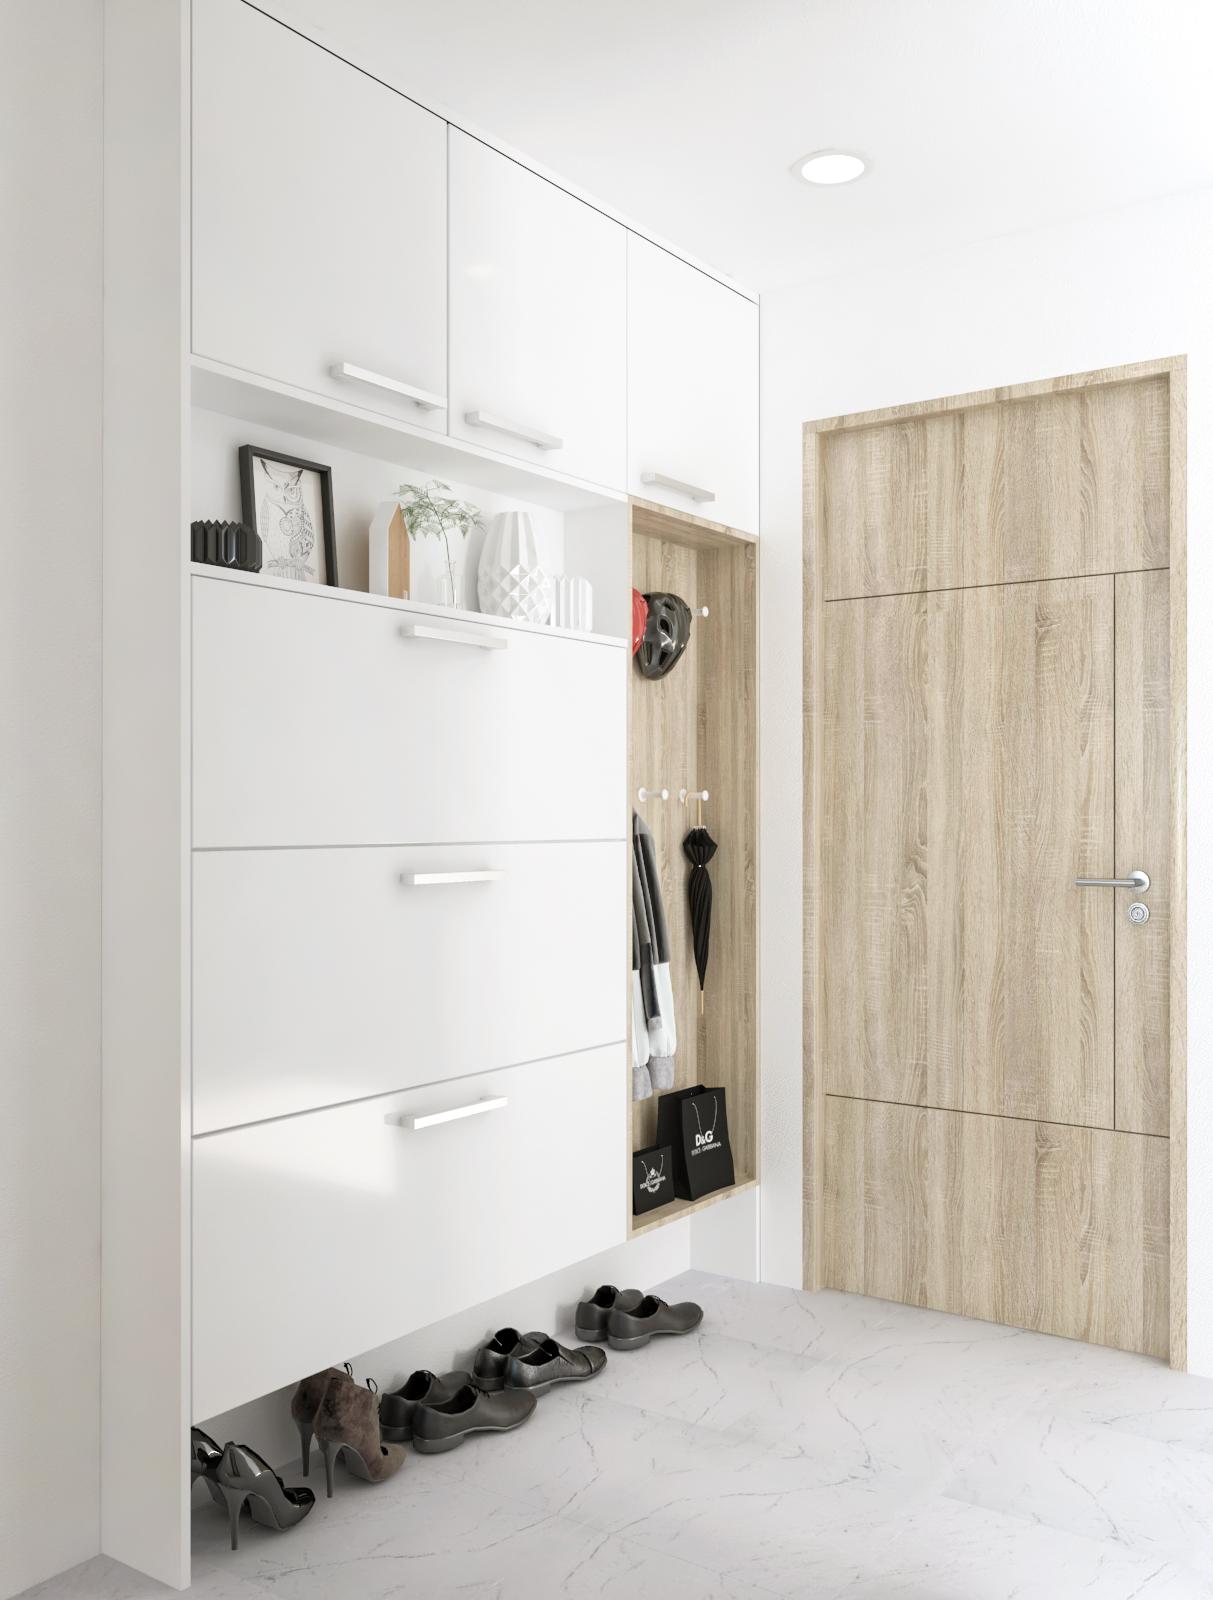 Tư vấn thiết kế cải tạo căn hộ tập thể 50m² với tổng chi phí 180 triệu đồng - Ảnh 4.